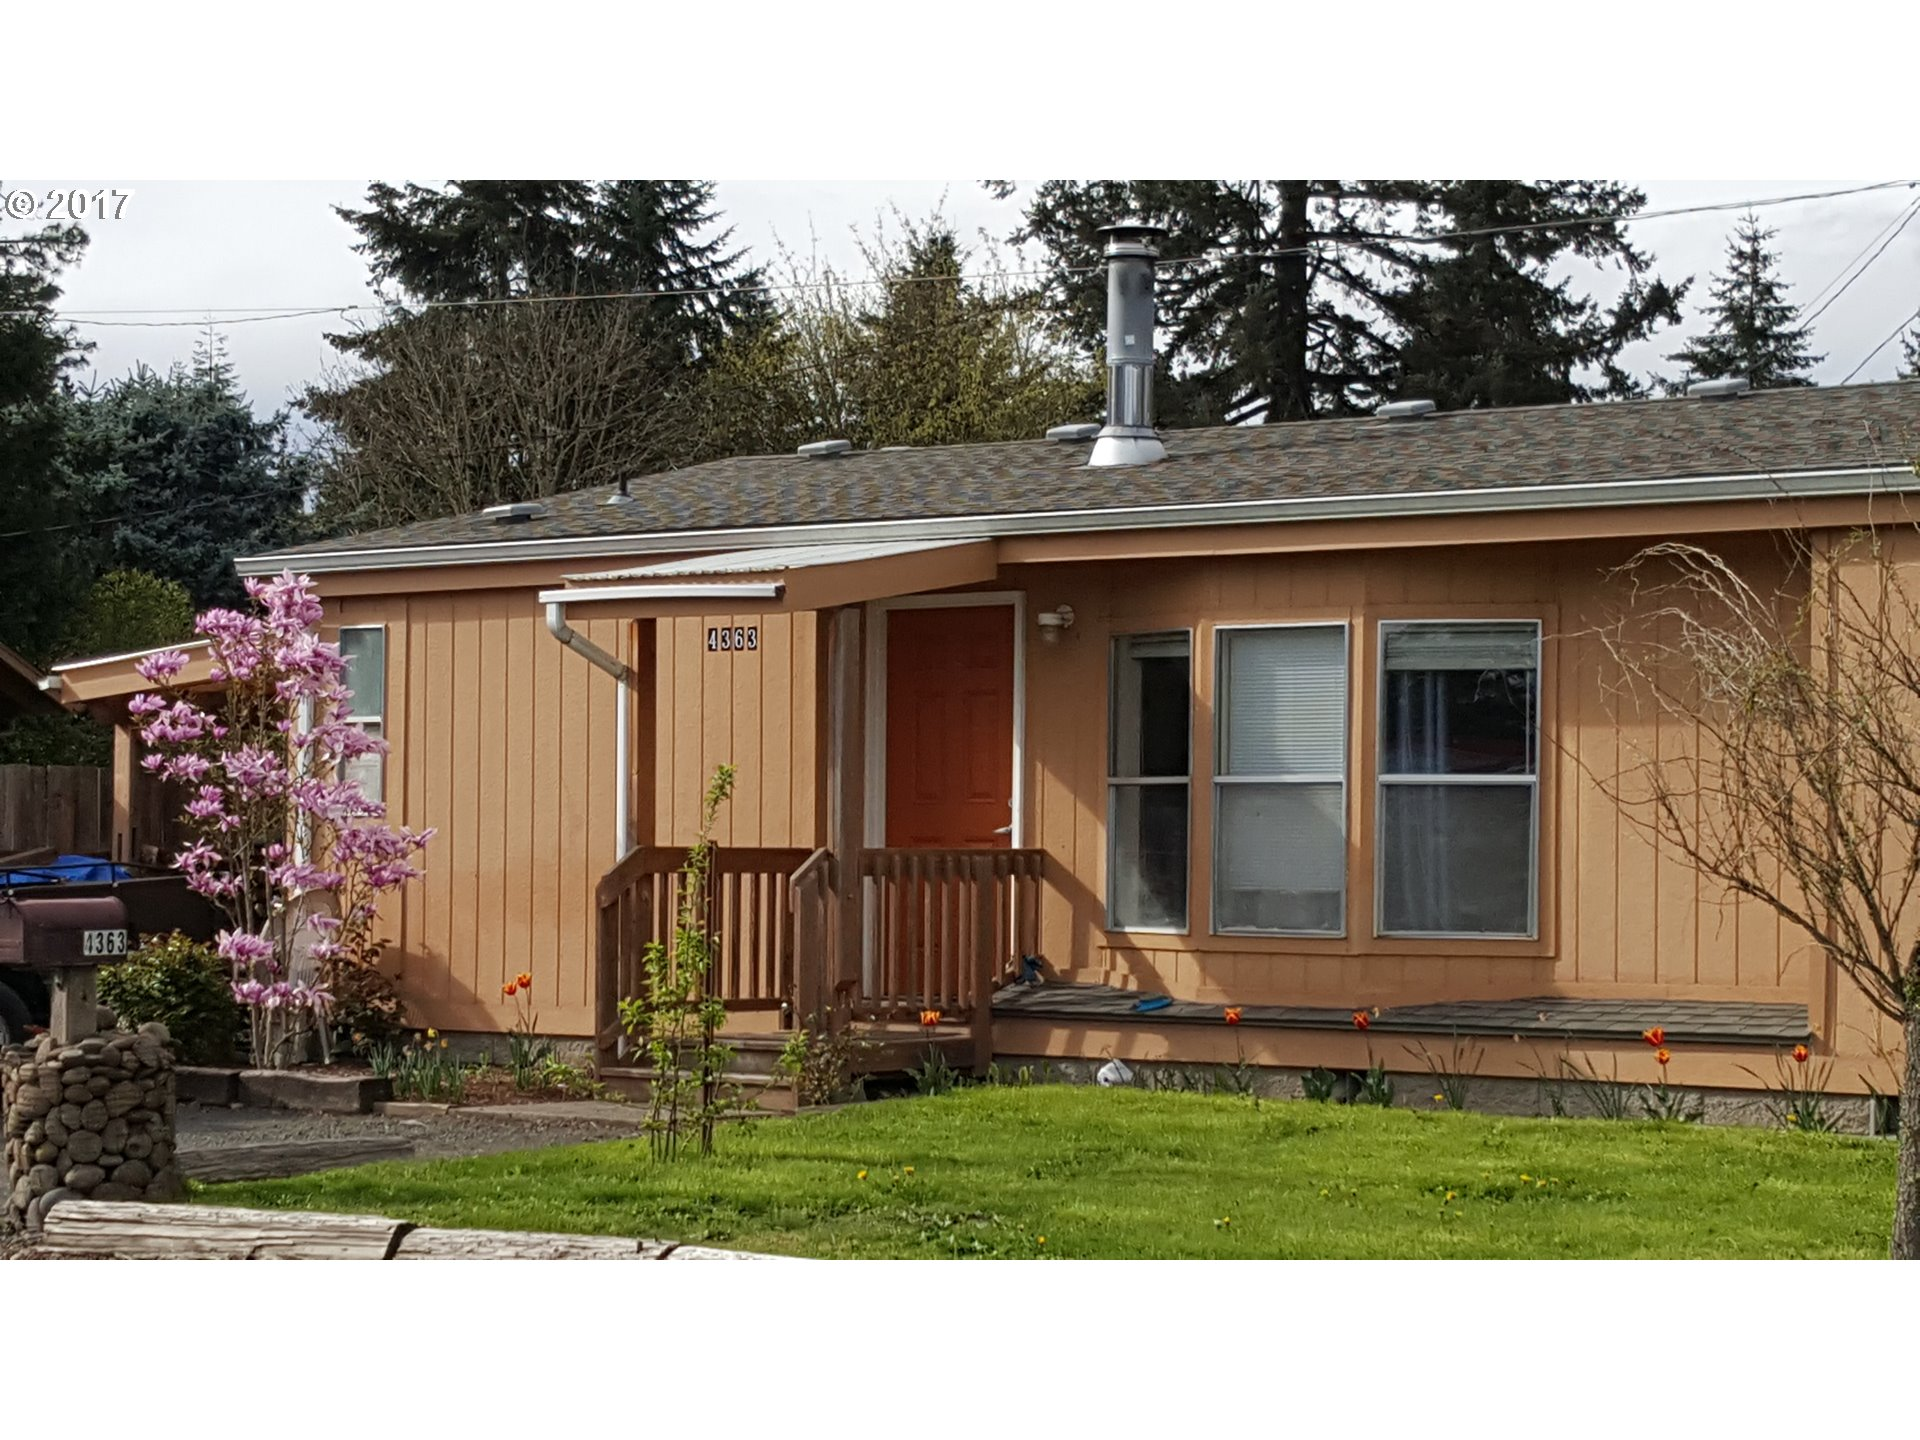 4363 E 20TH AVE Eugene, OR 97403 - MLS #: 17590599